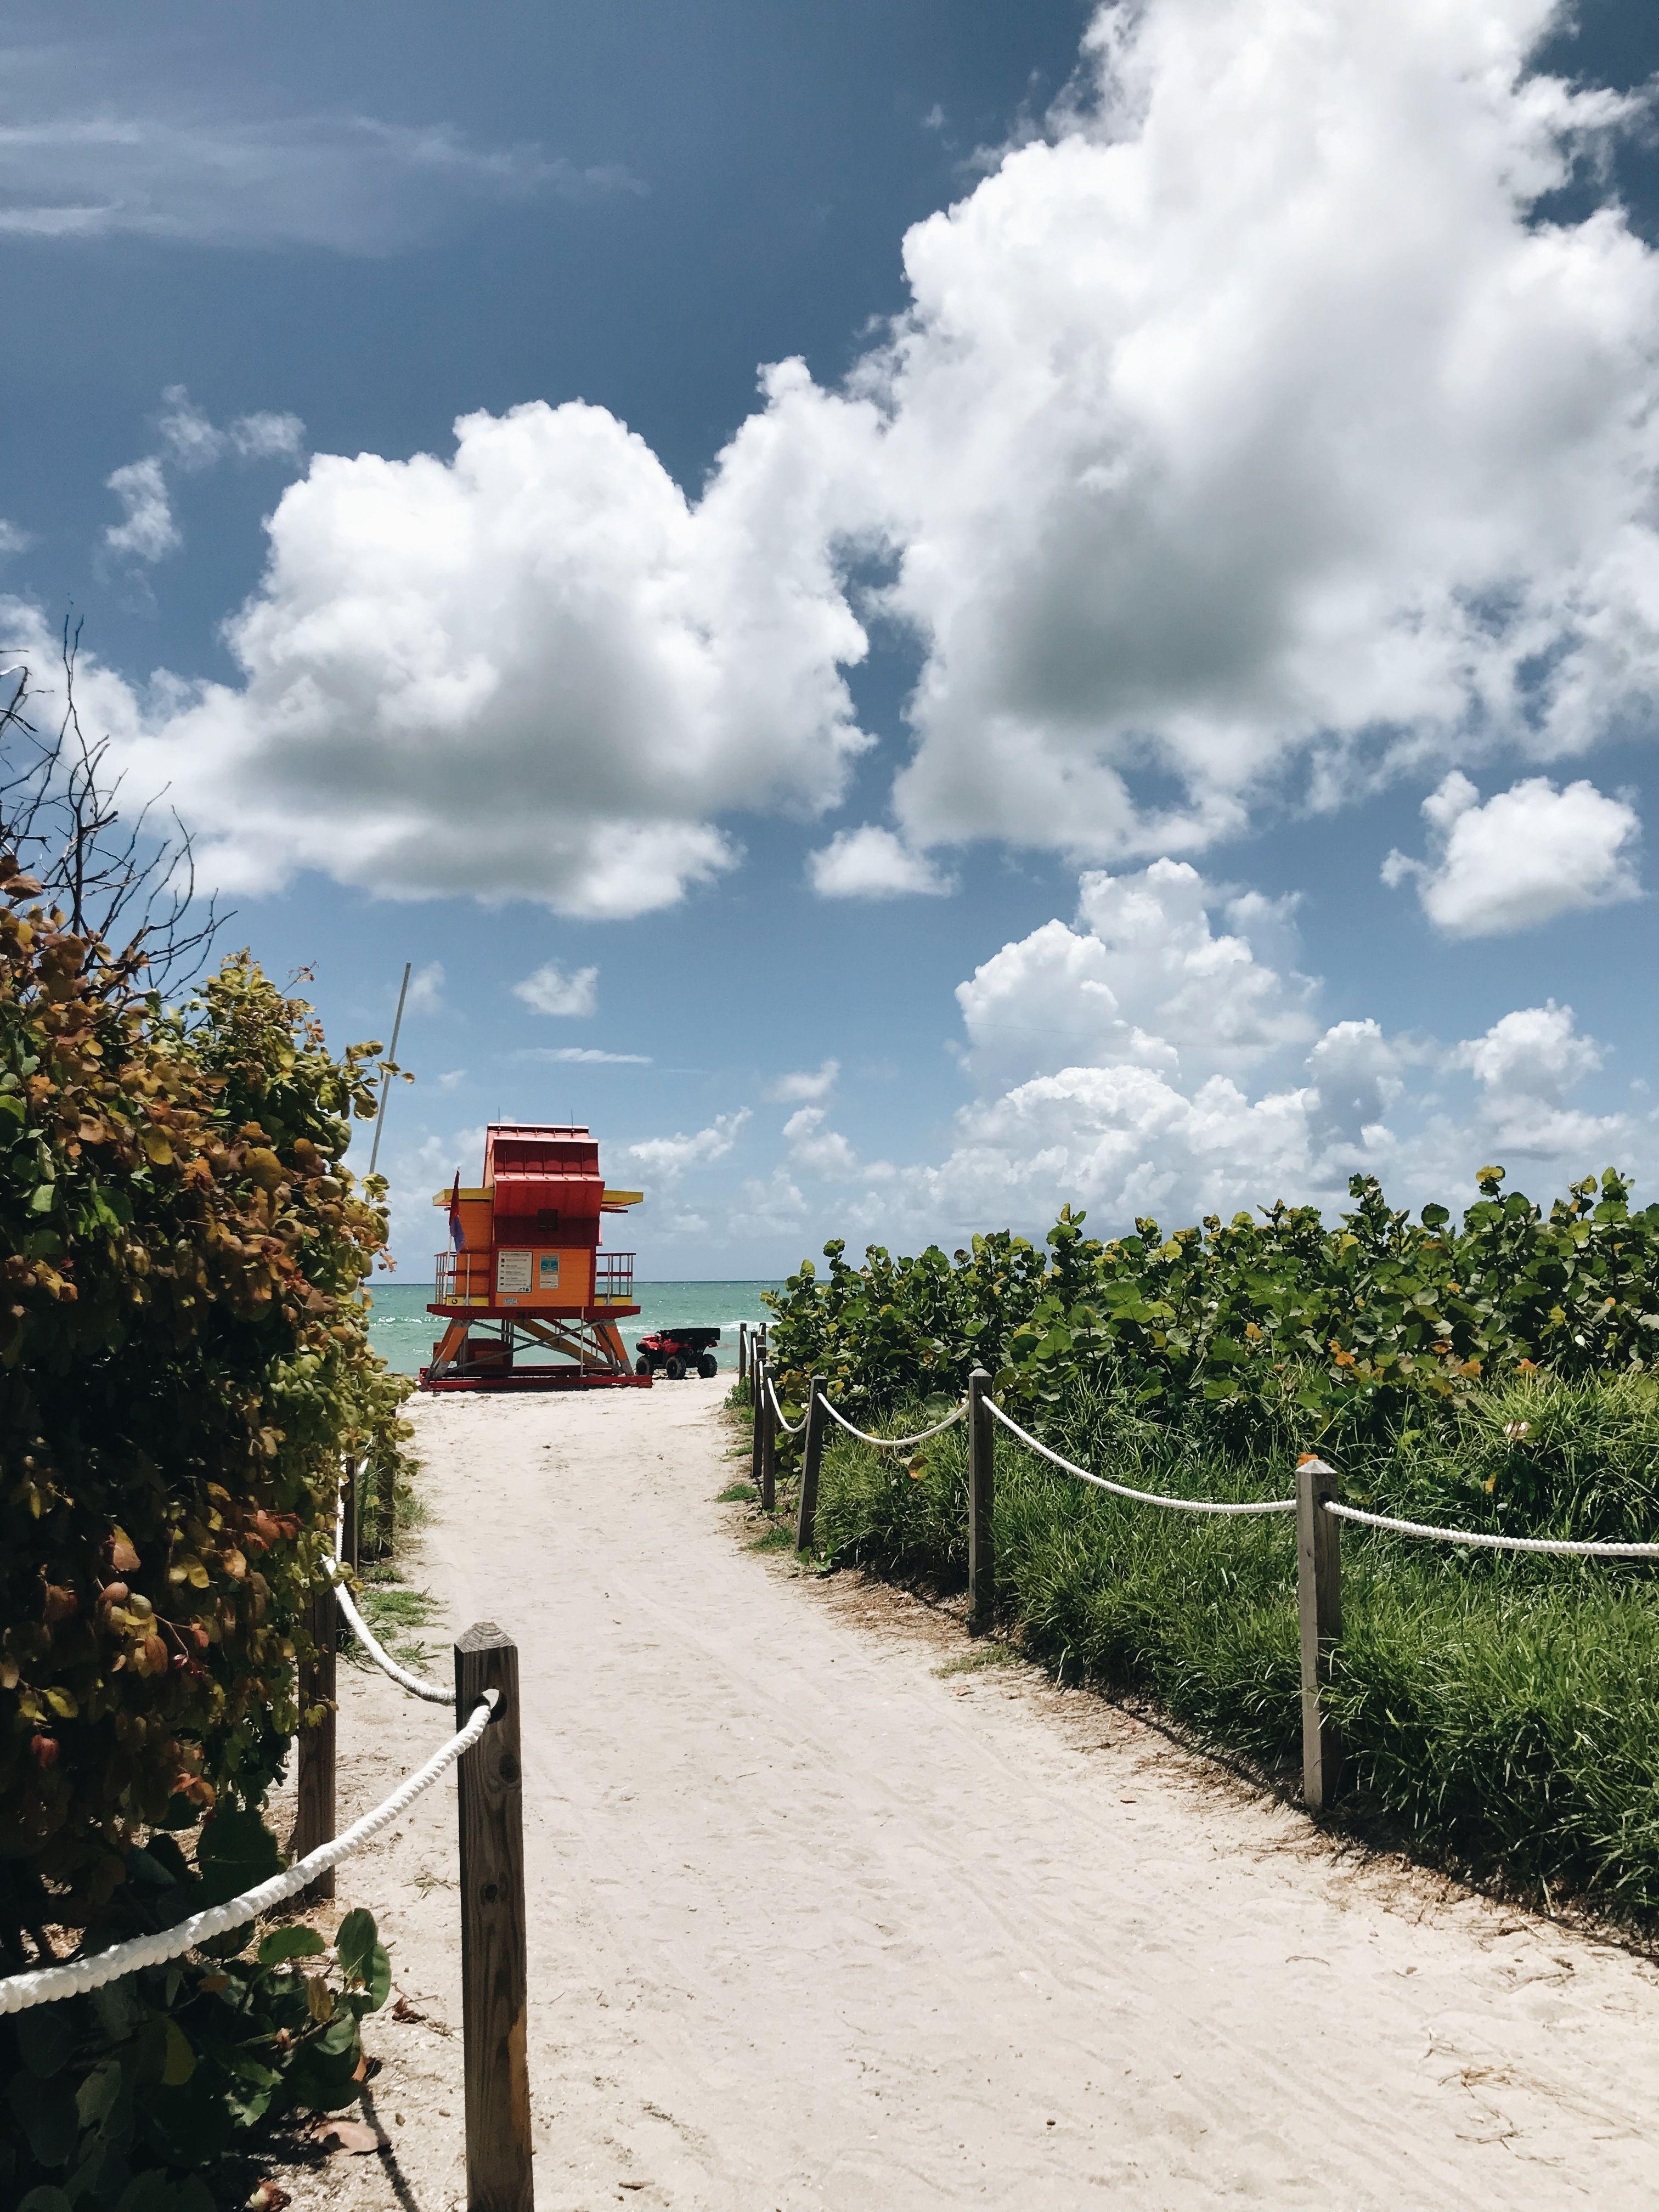 The La Mesa Rv Port St Lucie To Miami Road Trip Guide Part Ii Road Trip Guides Trip Road Trip Routes